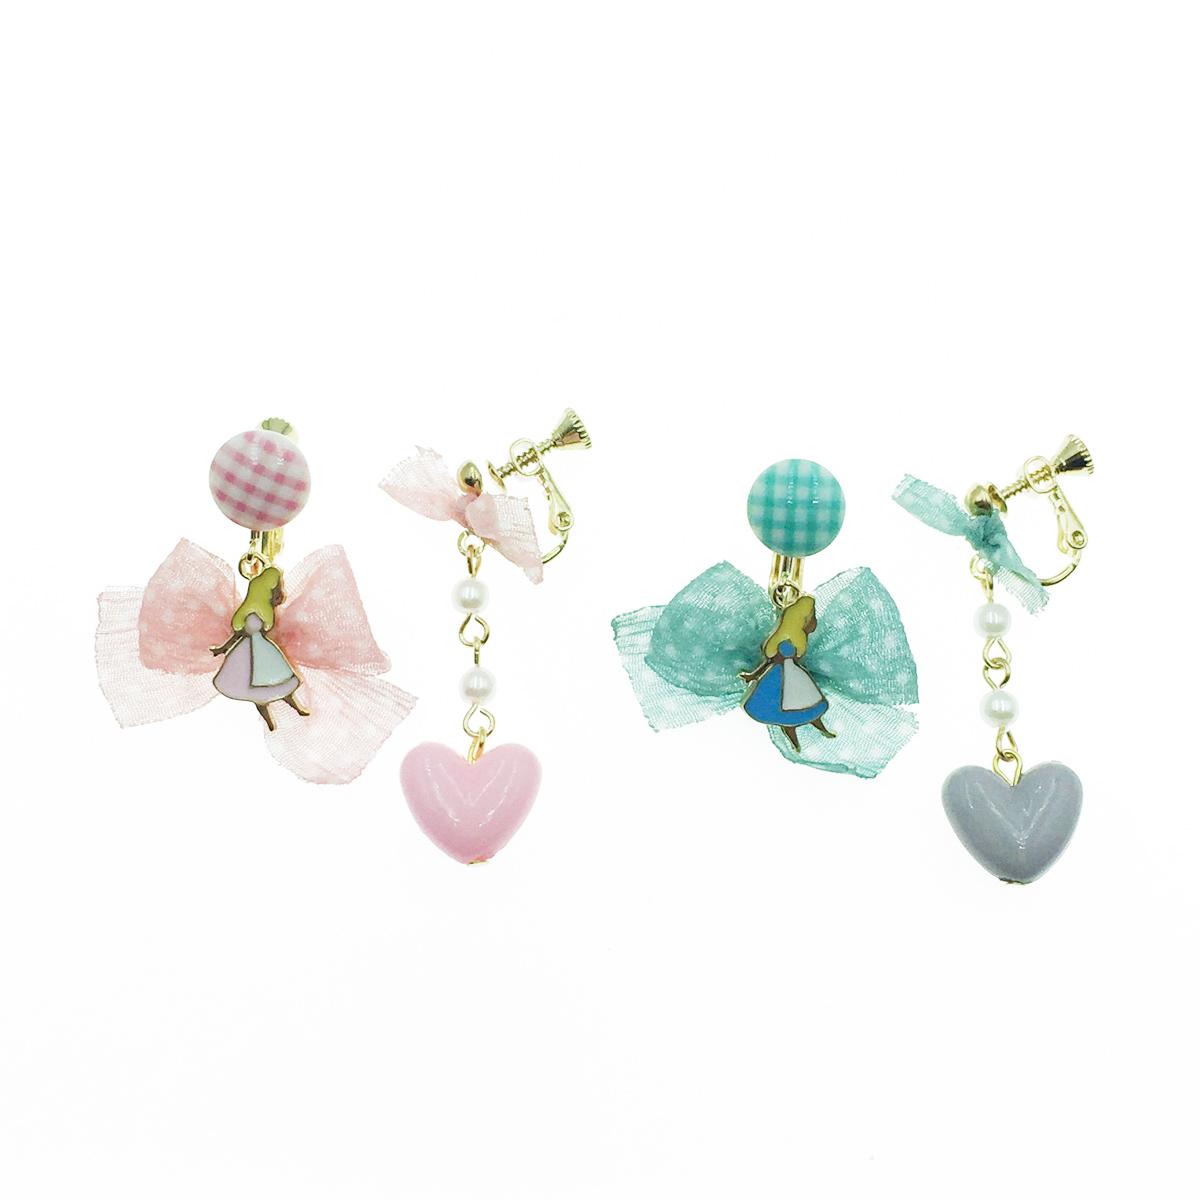 韓國 可愛 愛心 蝴蝶結 繽紛 愛麗絲夾式垂墜耳環